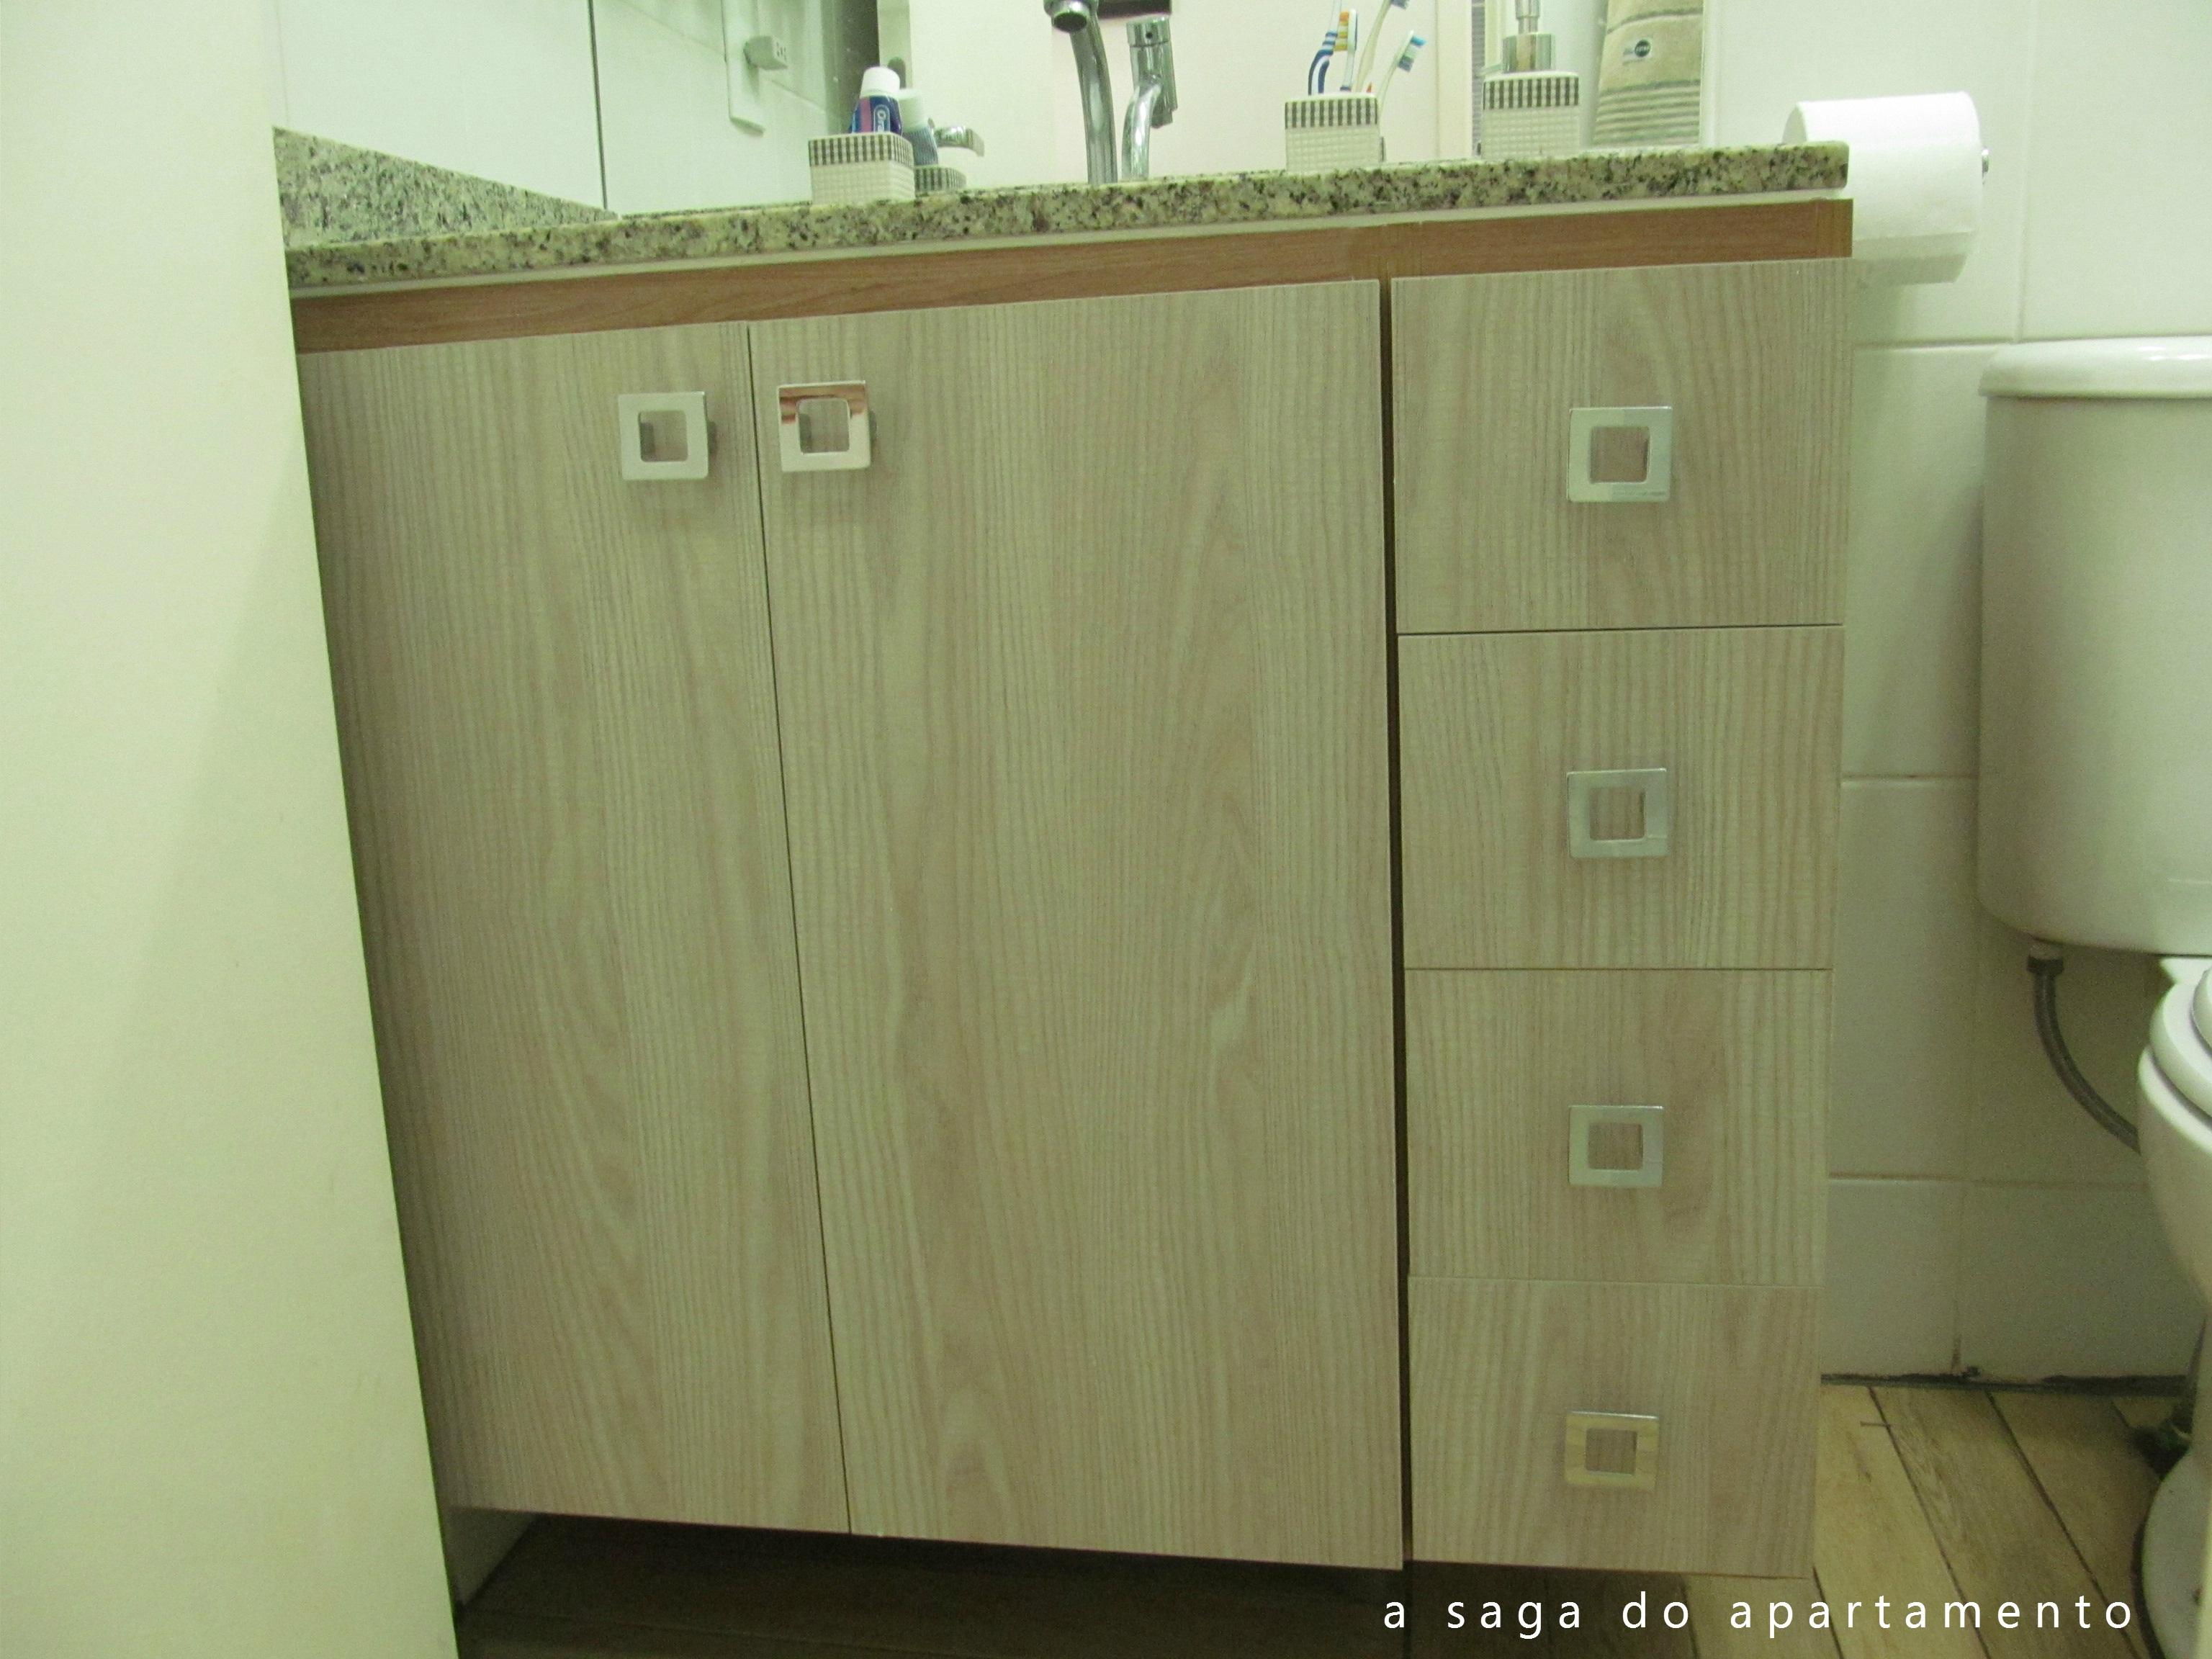 notável Armário Planejado do Banheiro a saga do apartamento #5C5230 3072x2304 Armarinho De Banheiro De Vidro